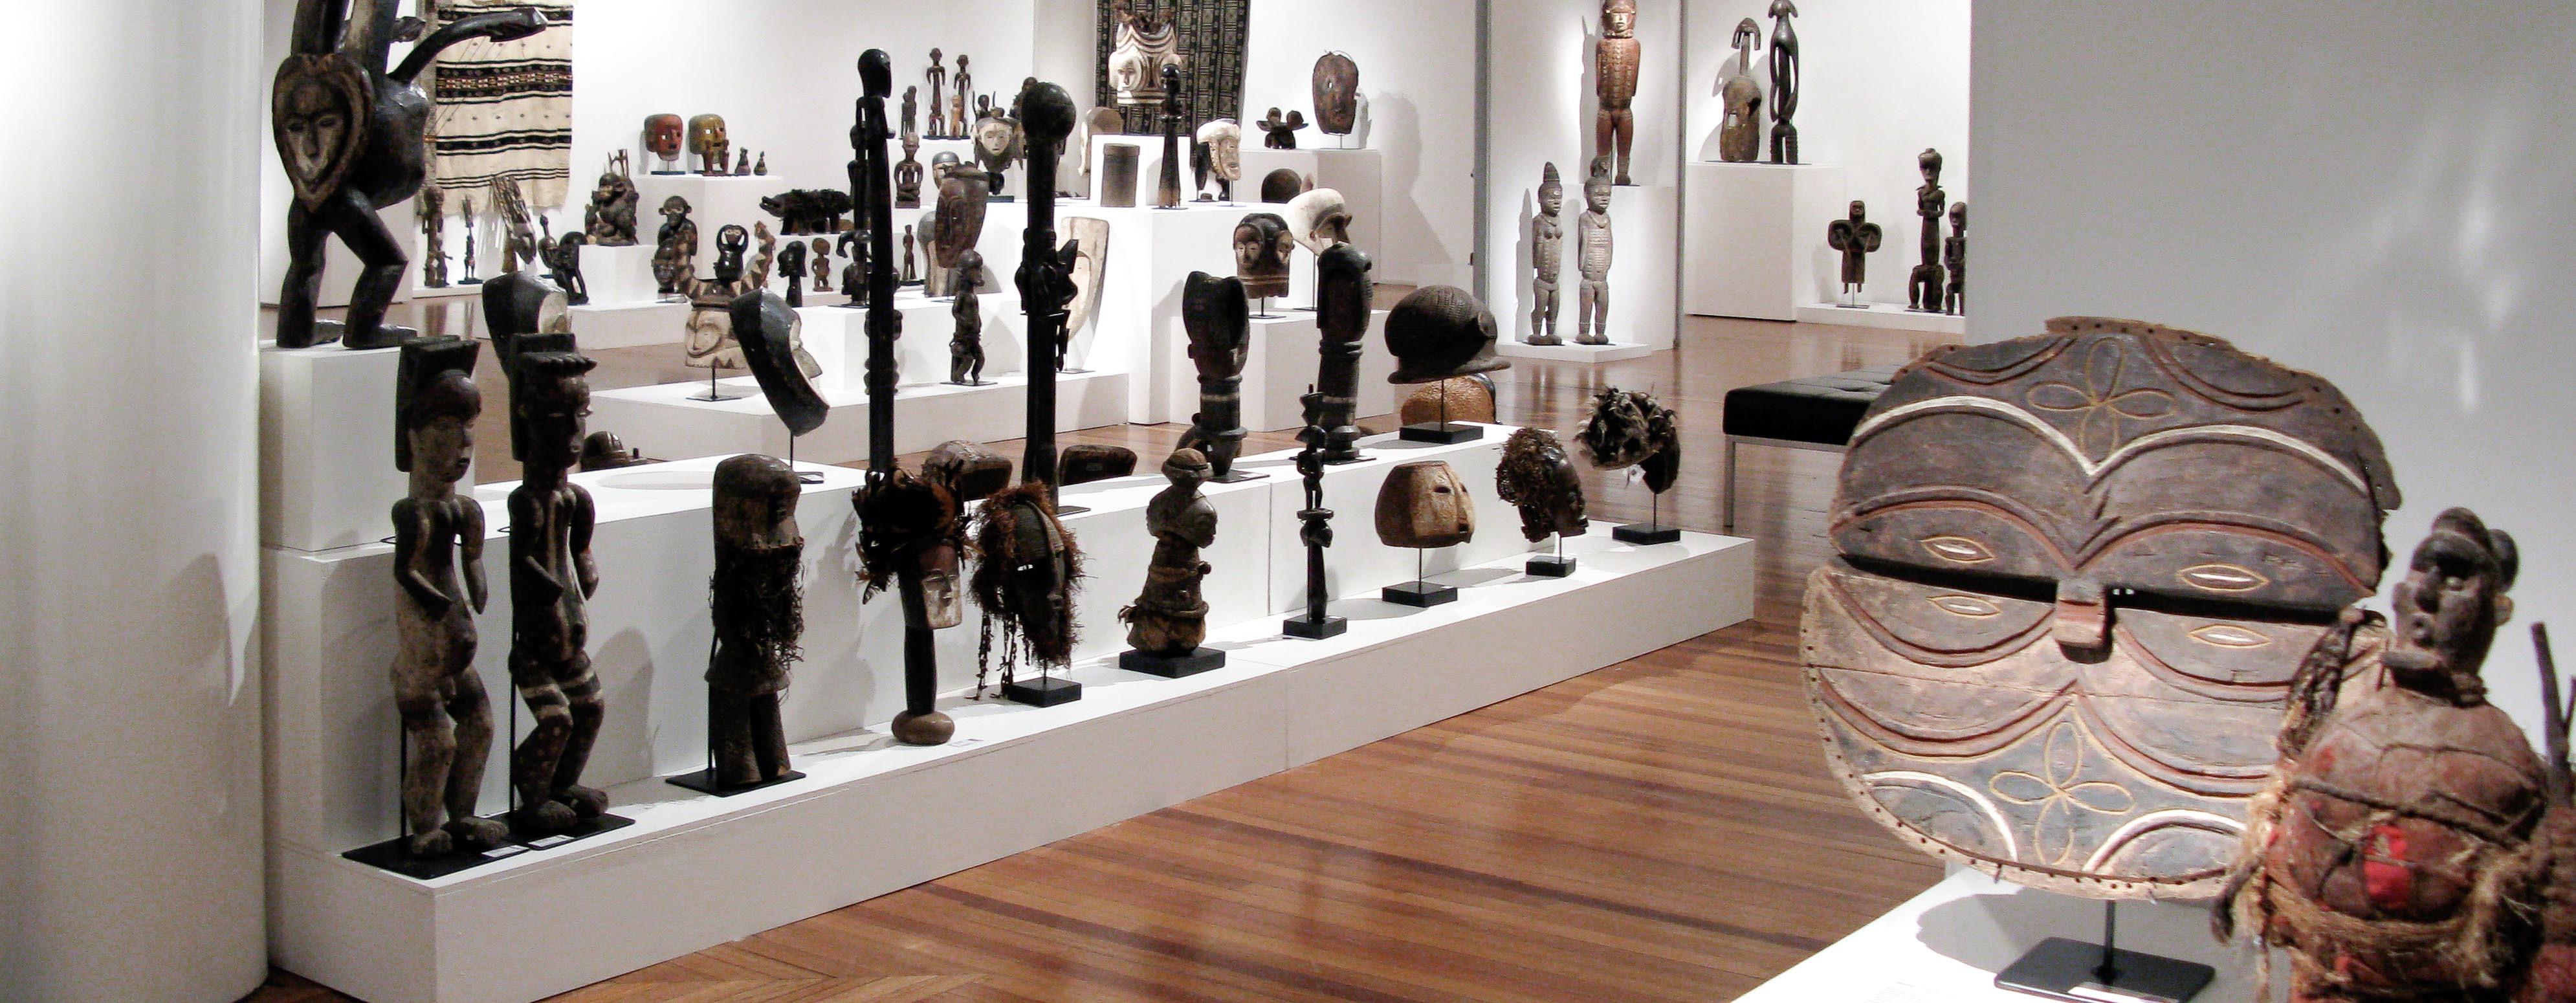 Masque africain et statue africaine Teke, figures Fang Byeri du Gabon et autres objets d'art primitif dans une galerie d'art